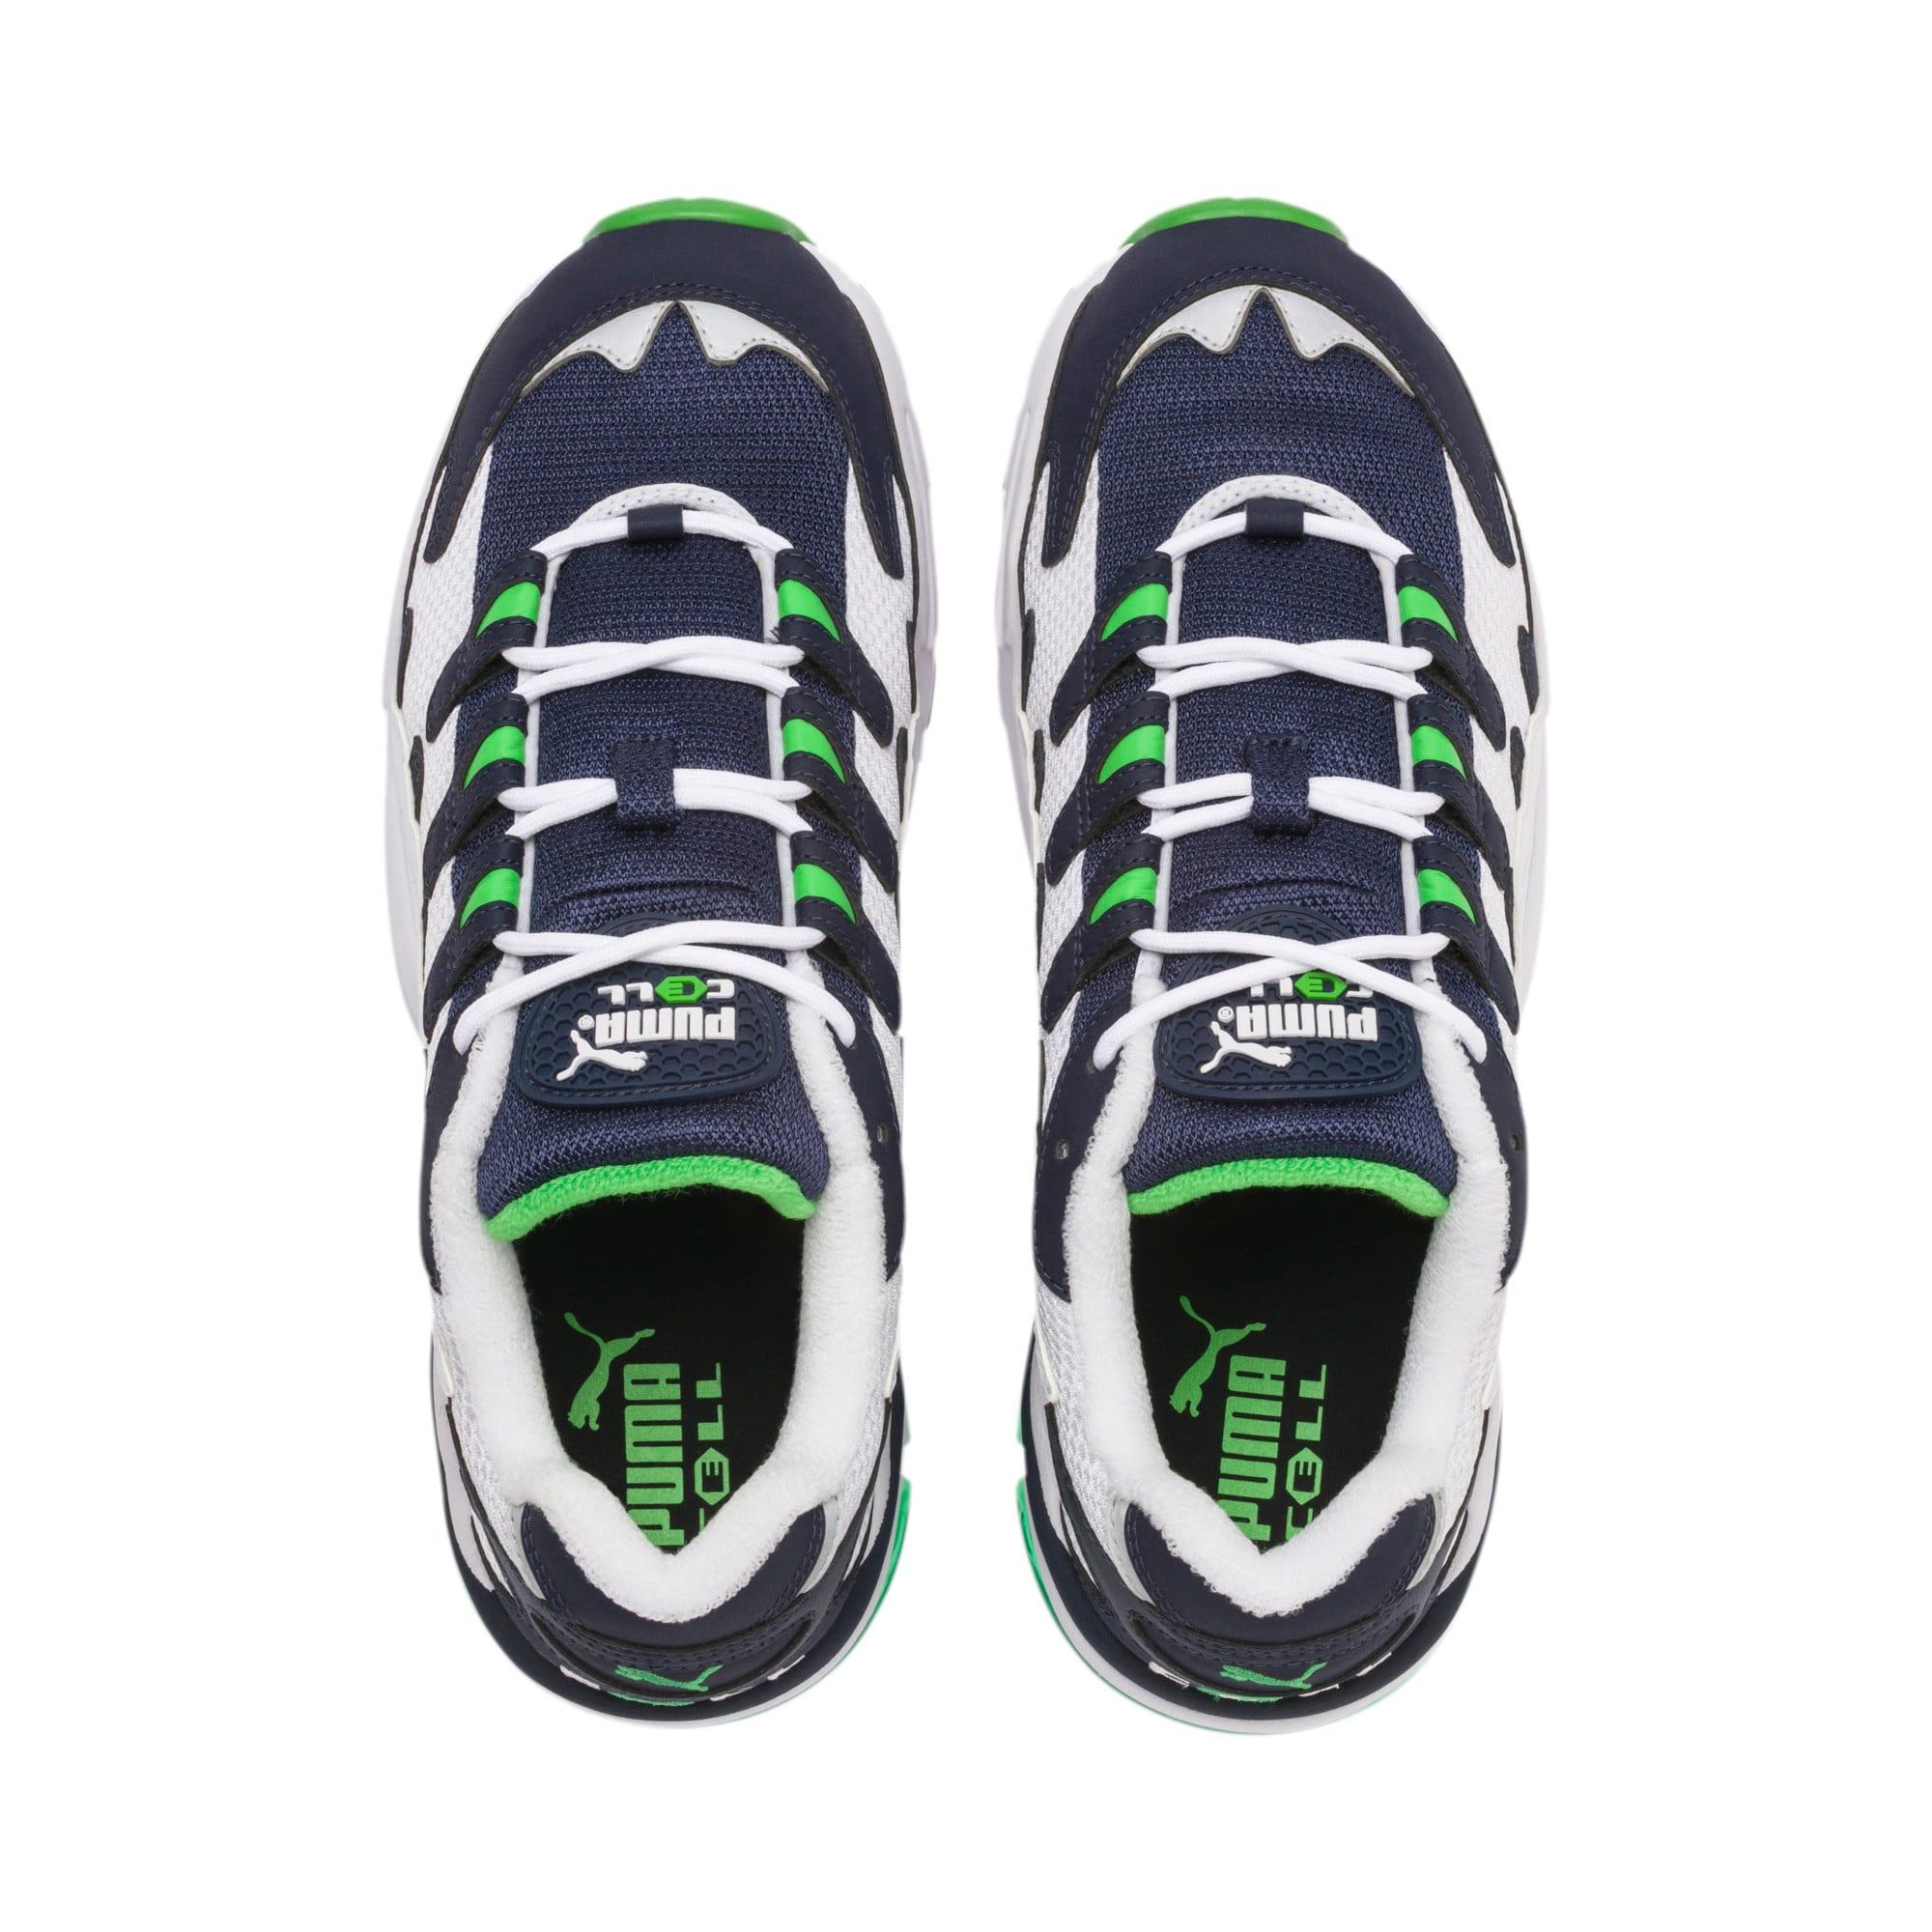 Thumbnail 7 of CELL Alien OG Sneakers, Peacoat-Classic Green, medium